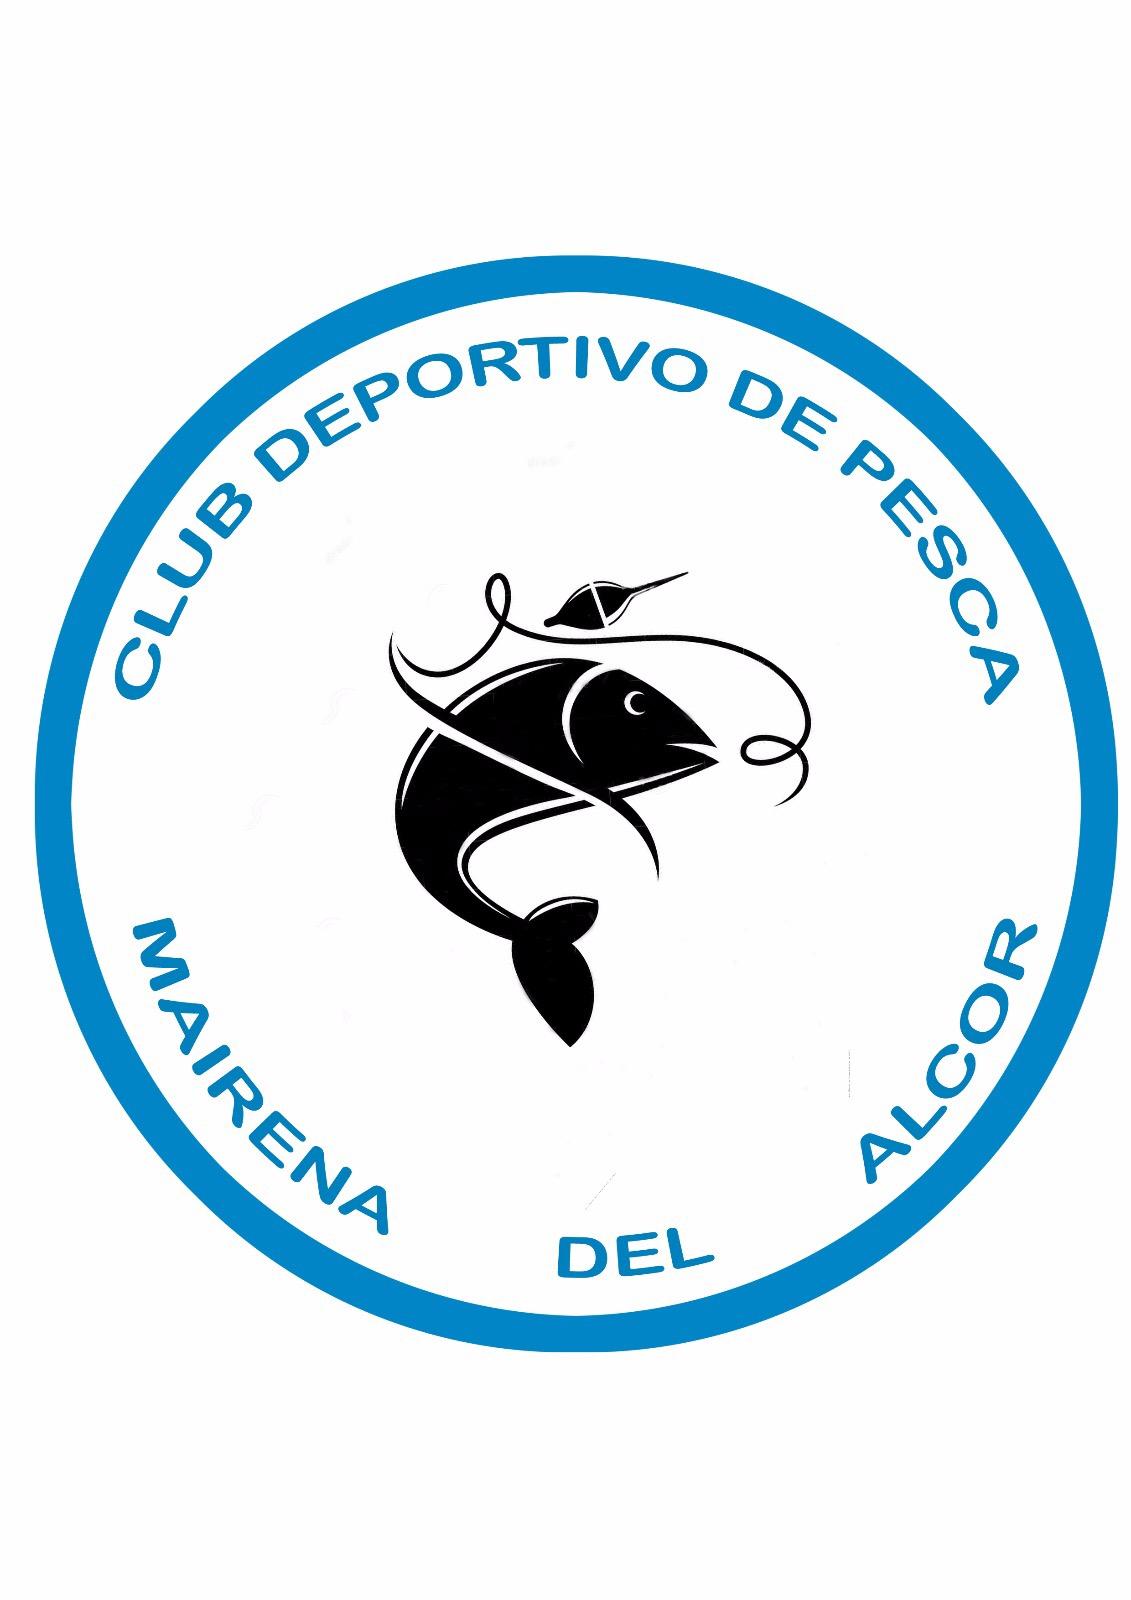 CLUB DEPORTIVO DE PESCA MAIRENA DEL ALCOR